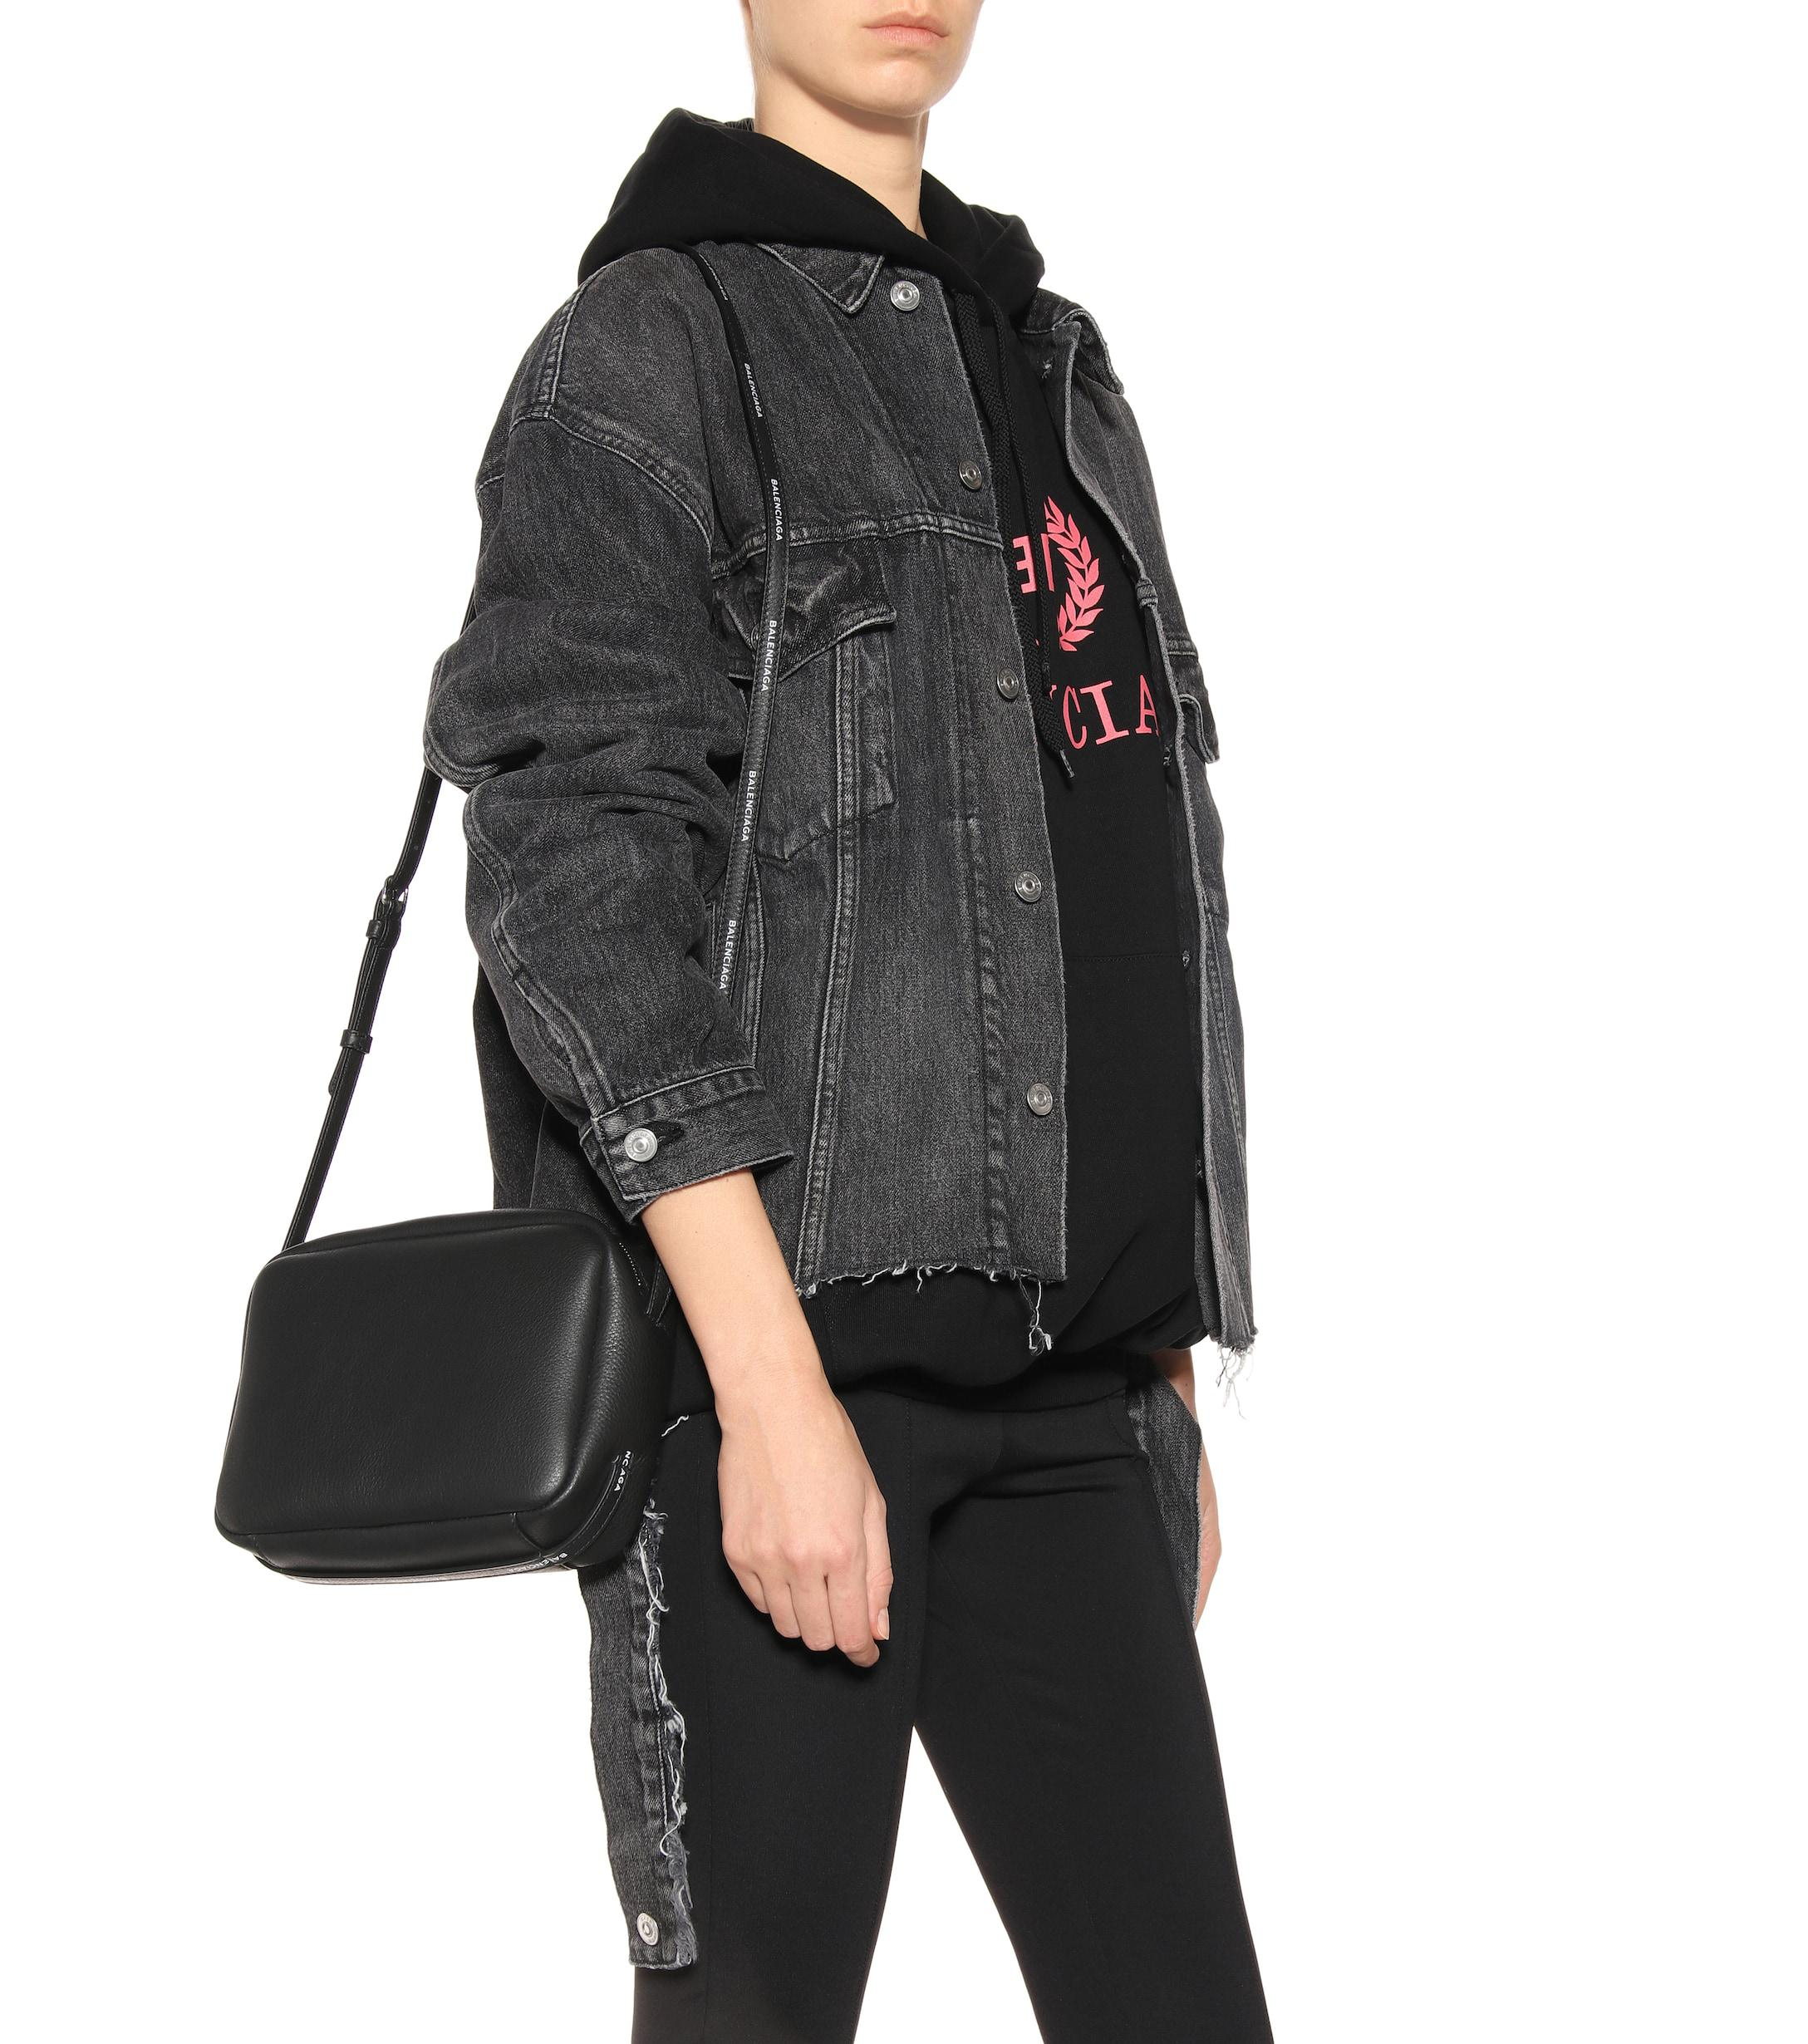 a2c7429293748 Balenciaga - Black Everyday Leather Crossbody Bag - Lyst. View fullscreen